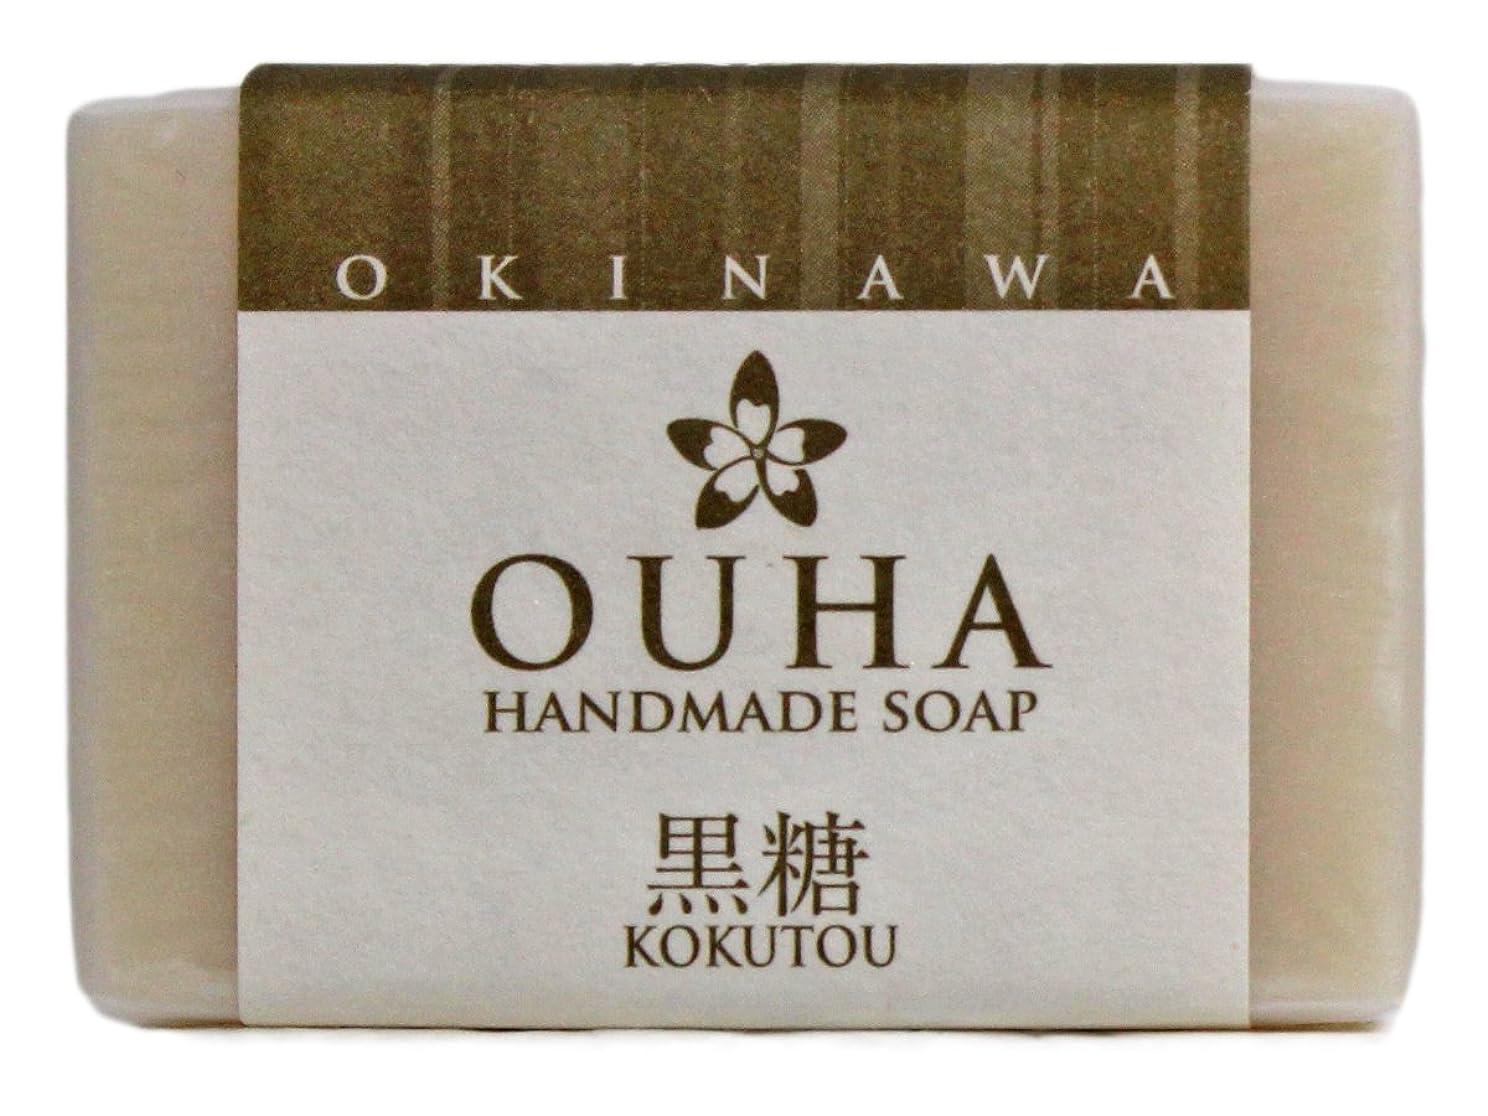 湿原ナット王族沖縄手作り洗顔せっけん OUHAソープ 黒糖 47g